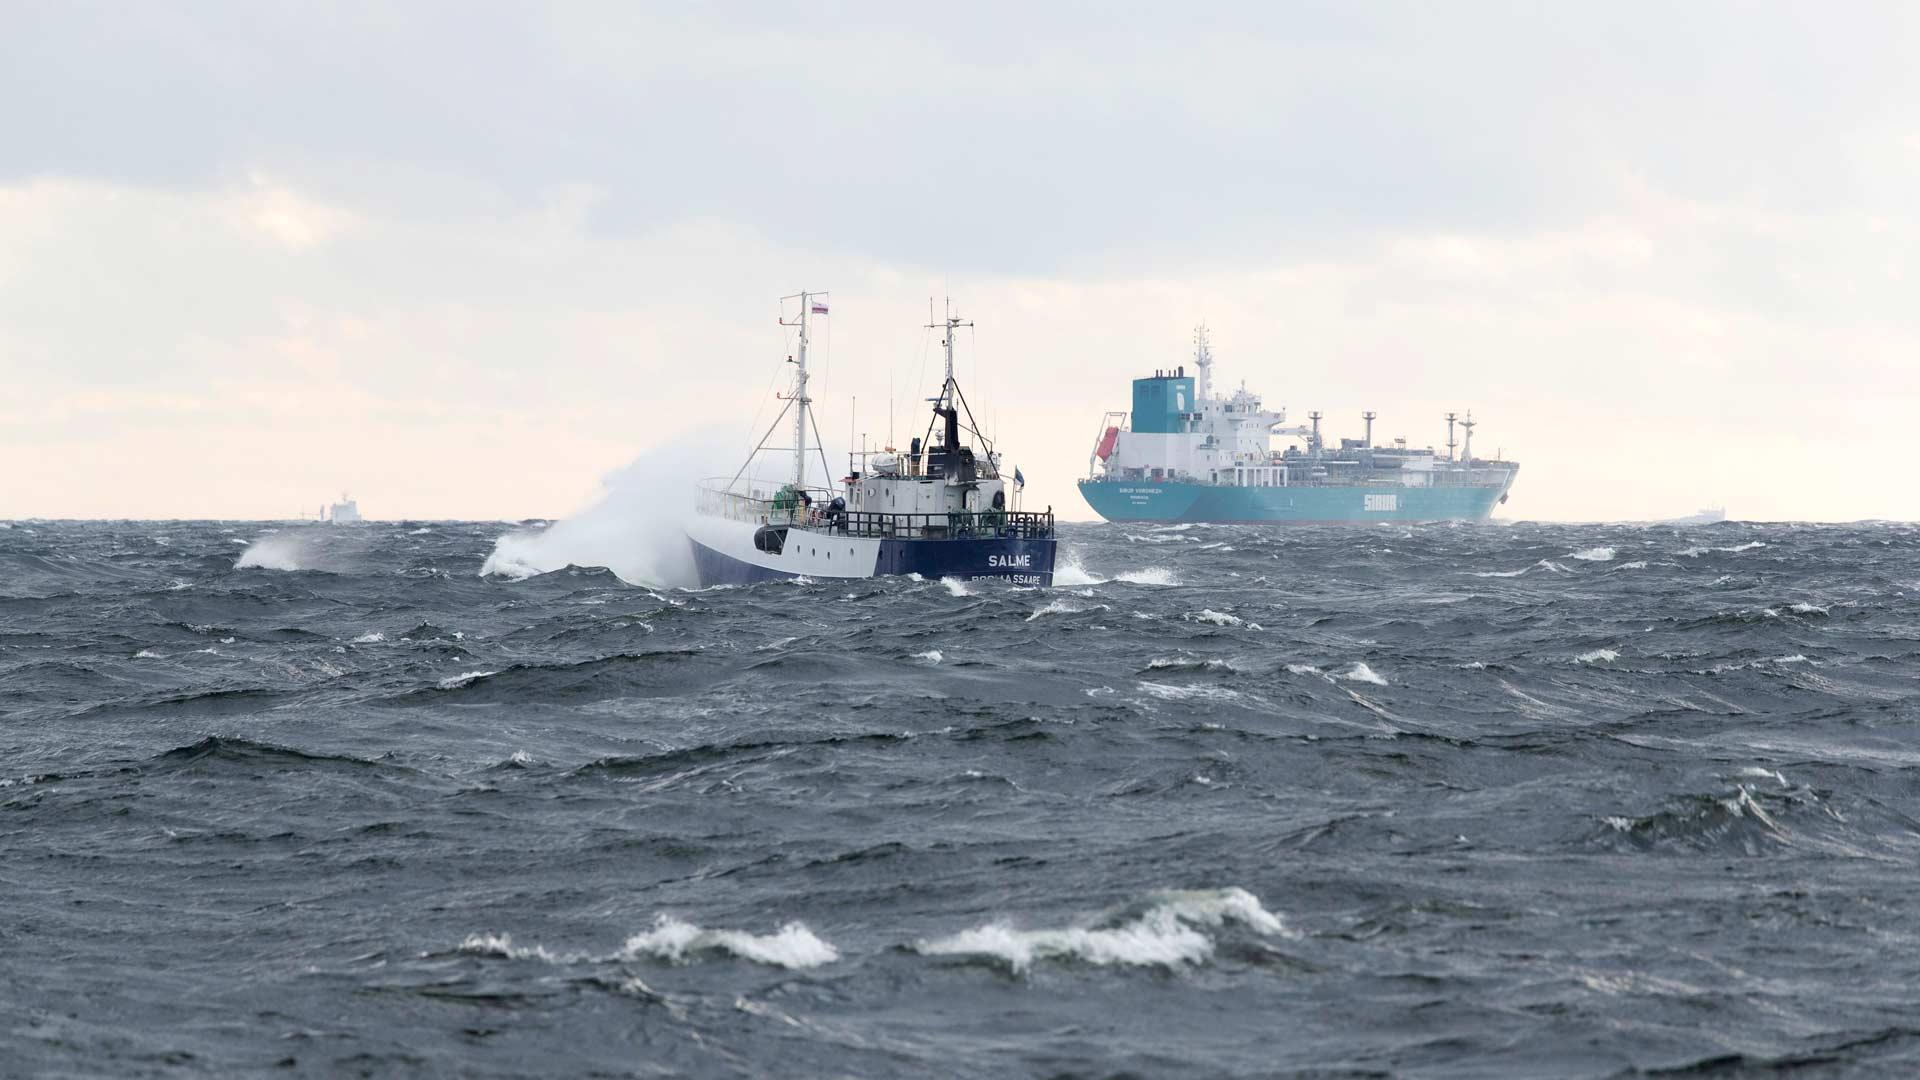 Viron merentutkimusalus